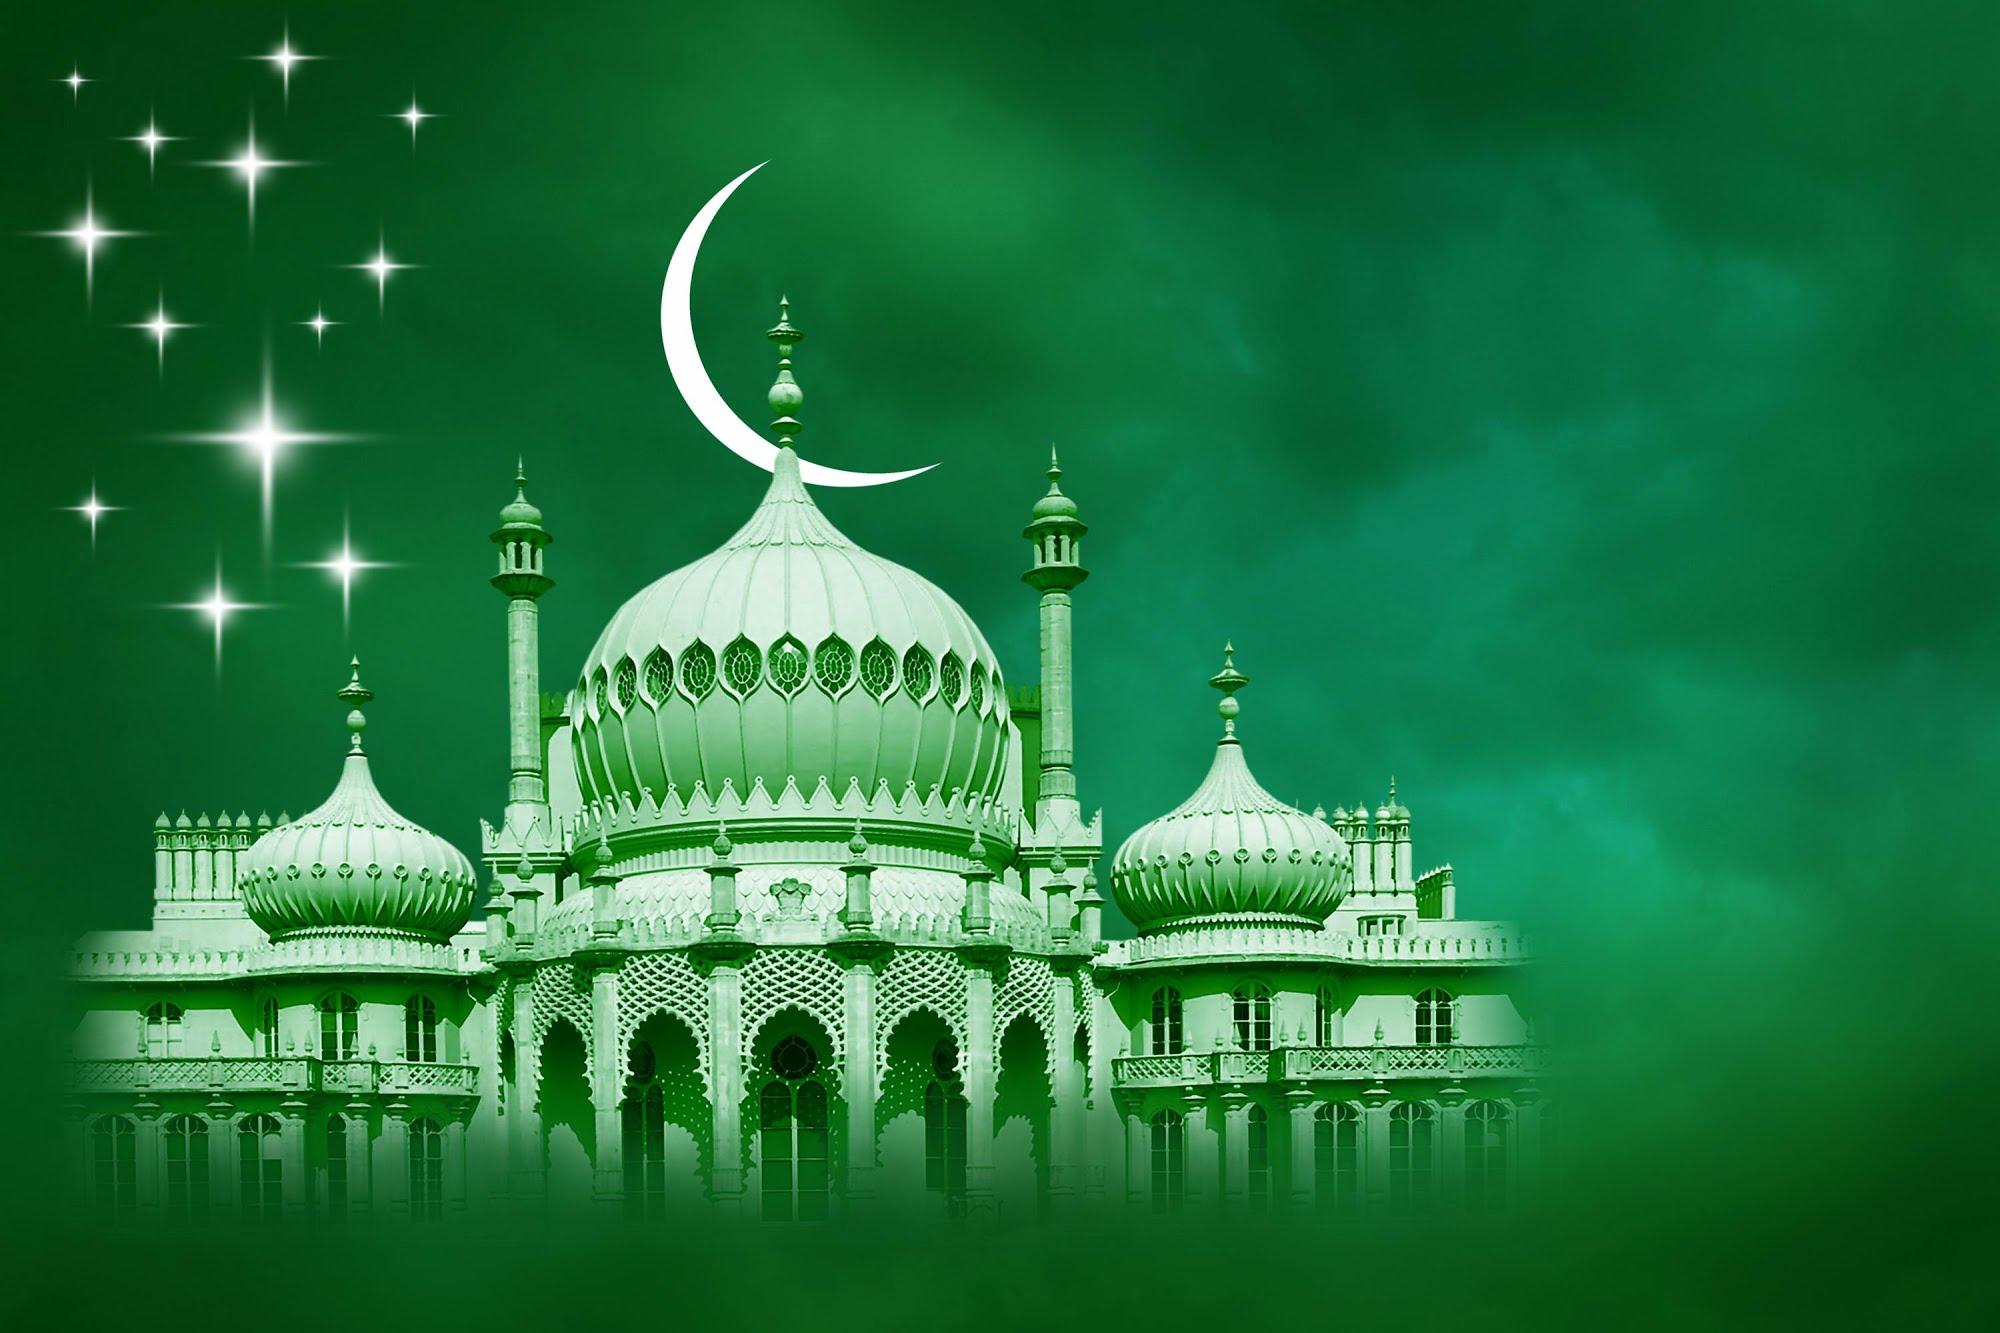 Kumpulan Ucapan Selamat Dalam Islam